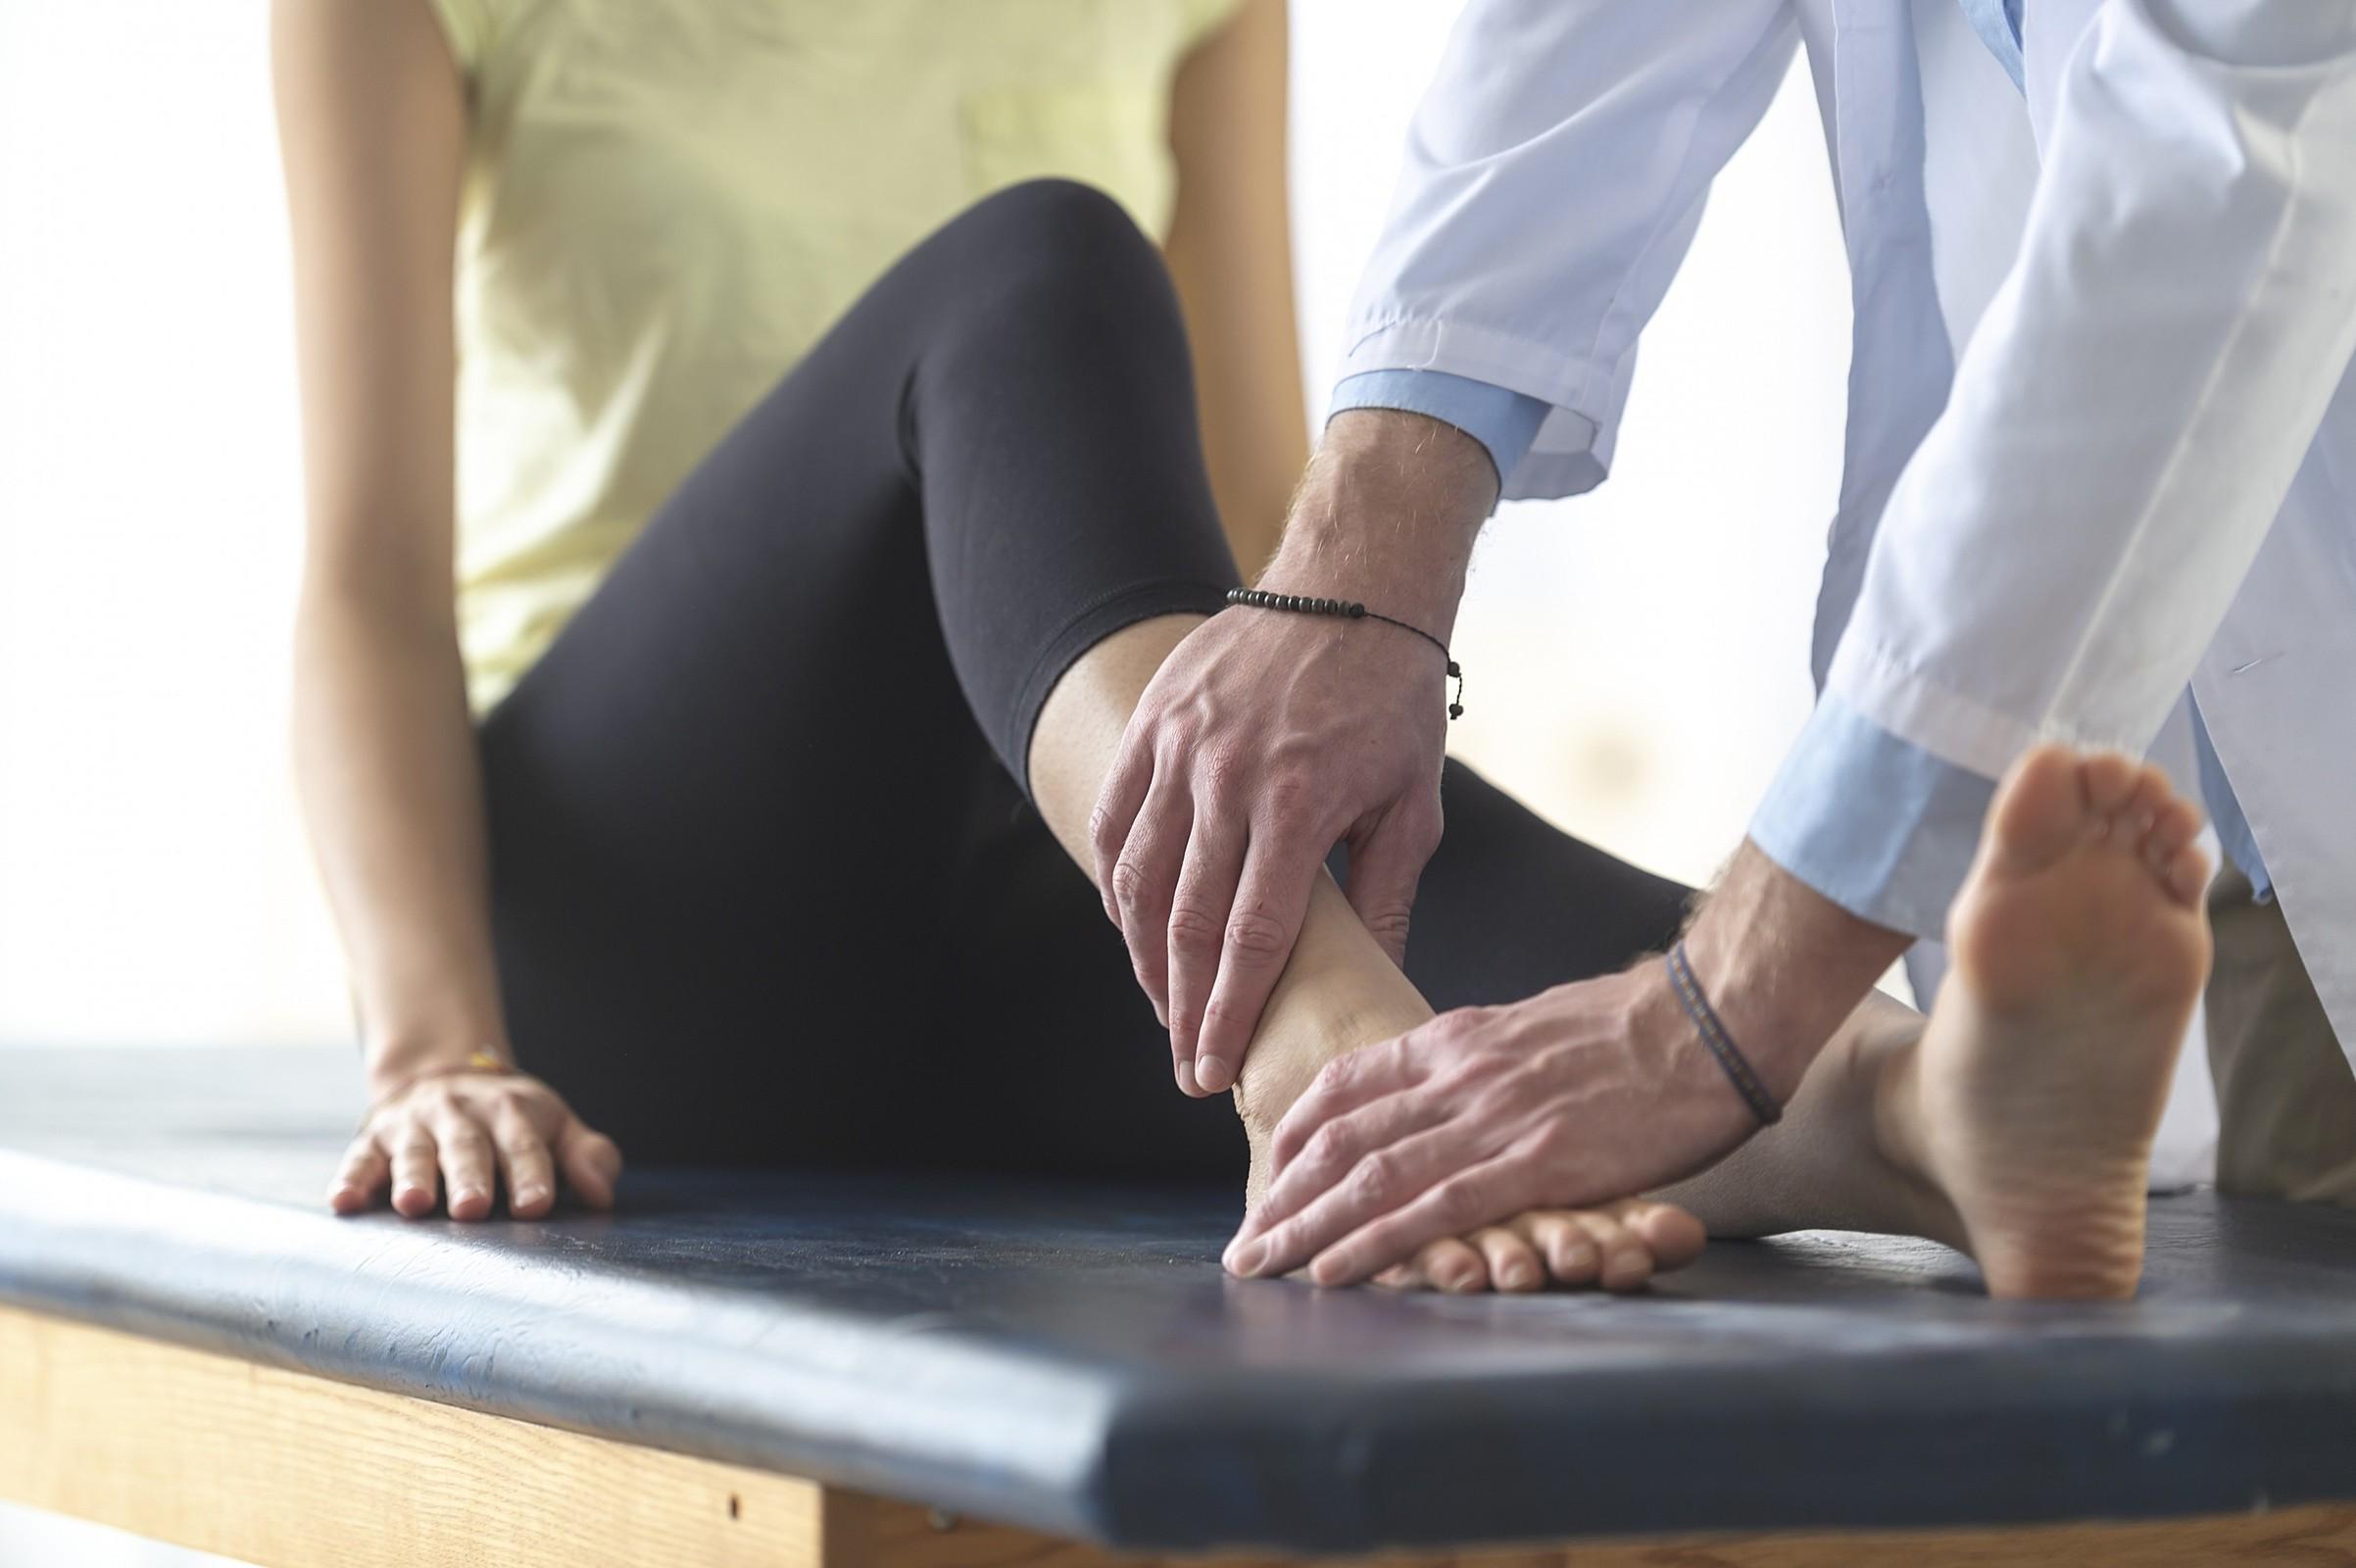 fisioterapia para fratura no tornozelo